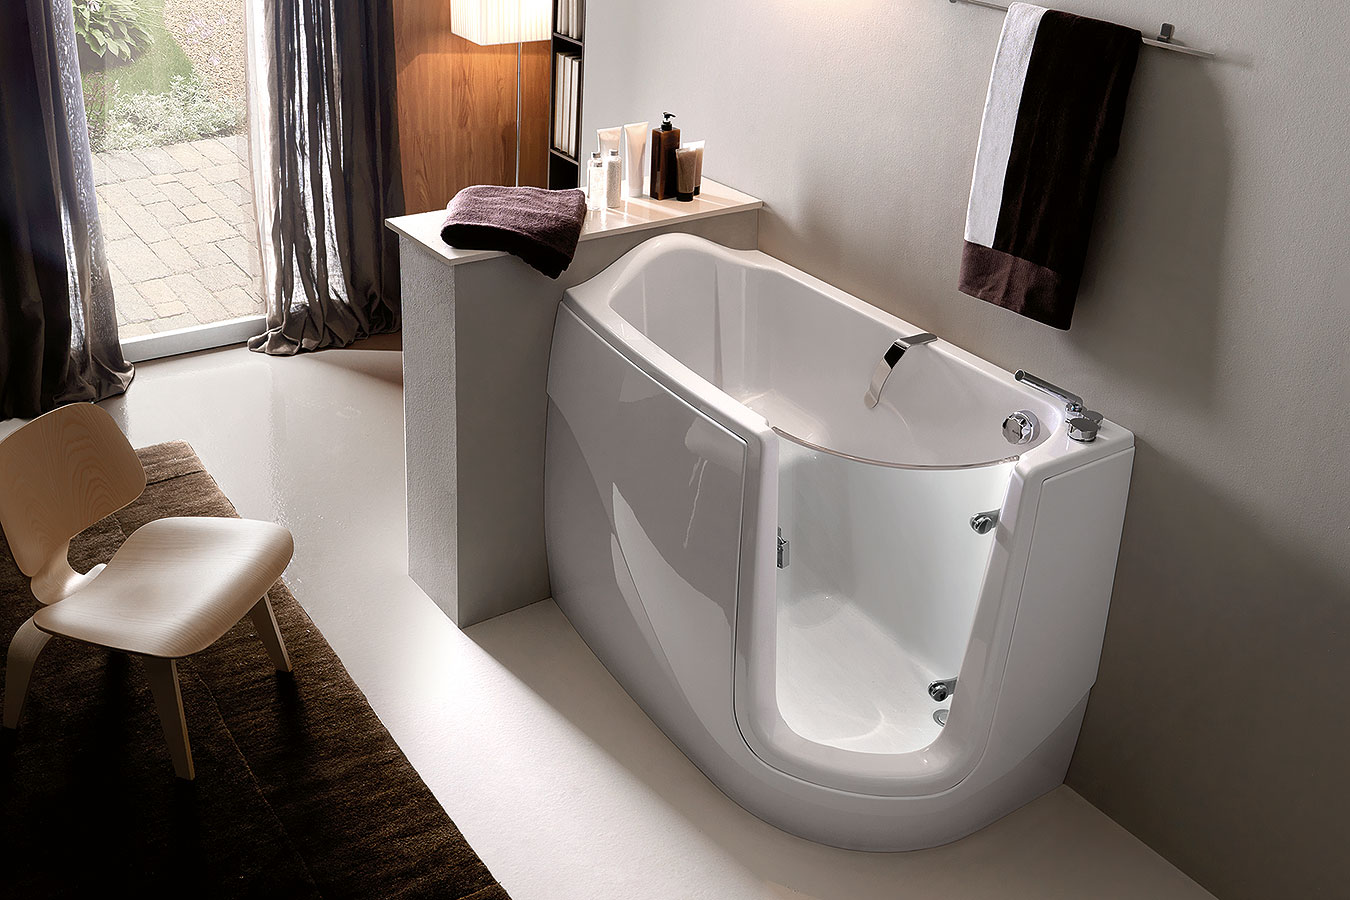 Bagni moderni con vasca idromassaggio : bagni bianco e rosso ...